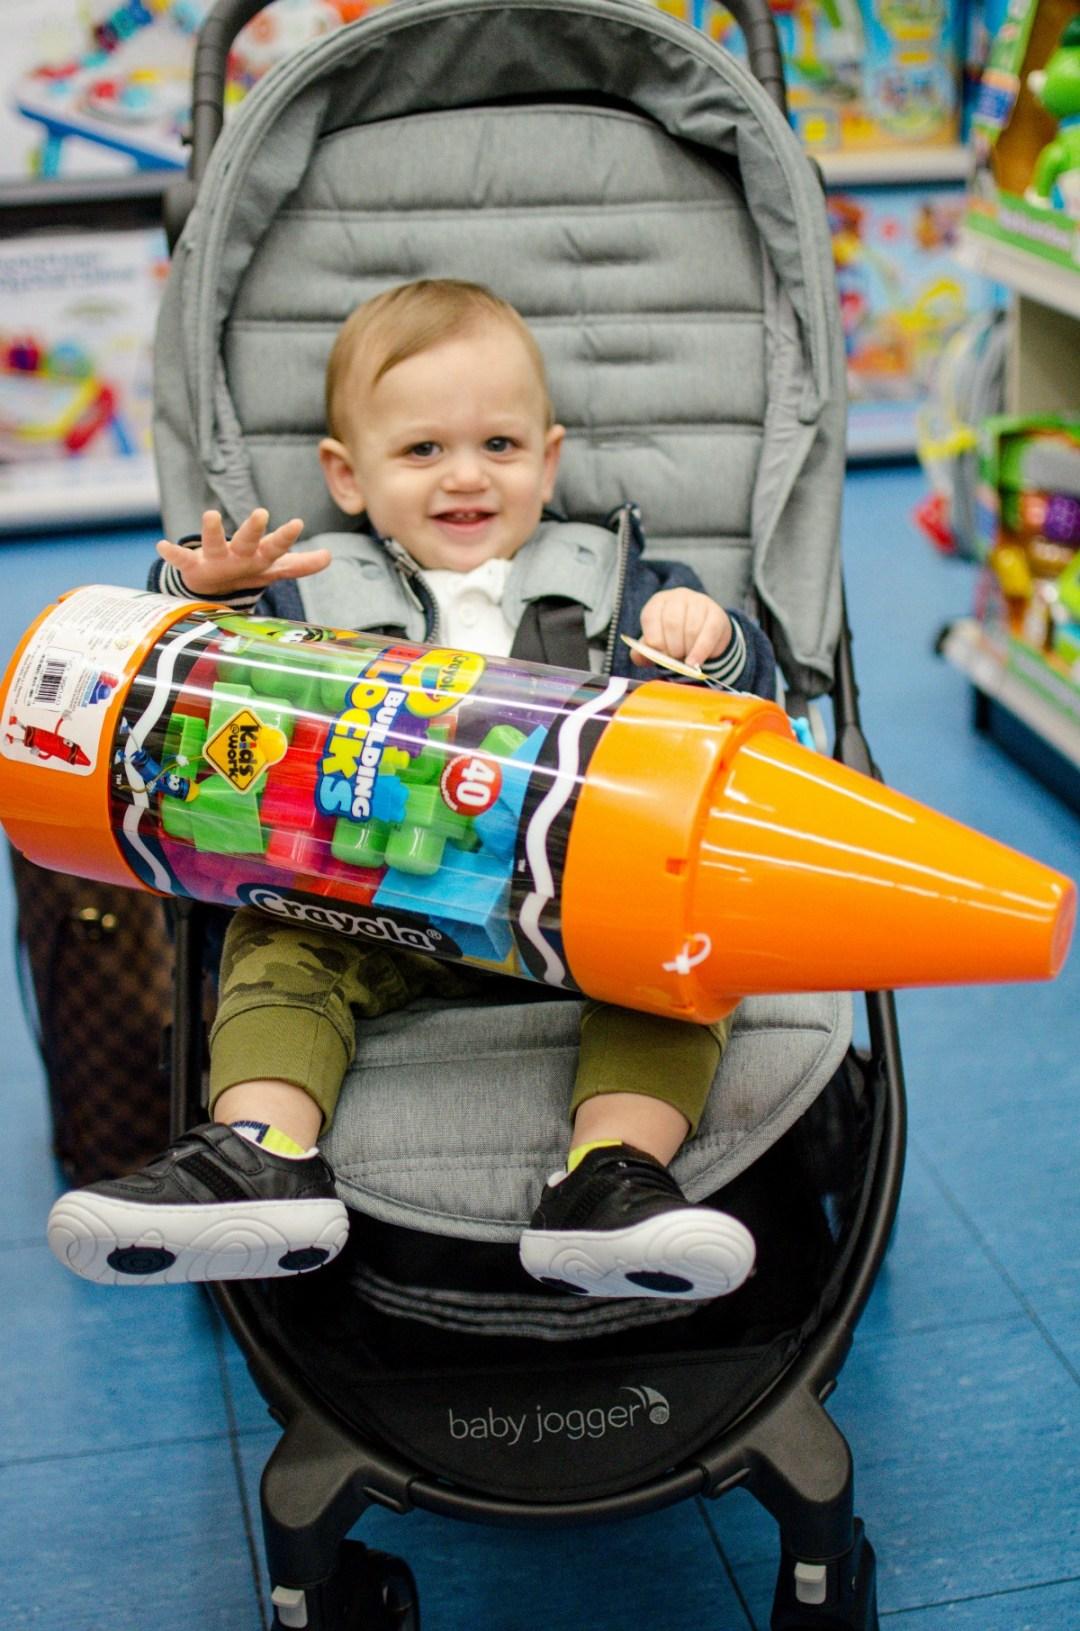 buybuy BABY toys holiday shopping, Cittadino family shopping, Florida mommy blogger